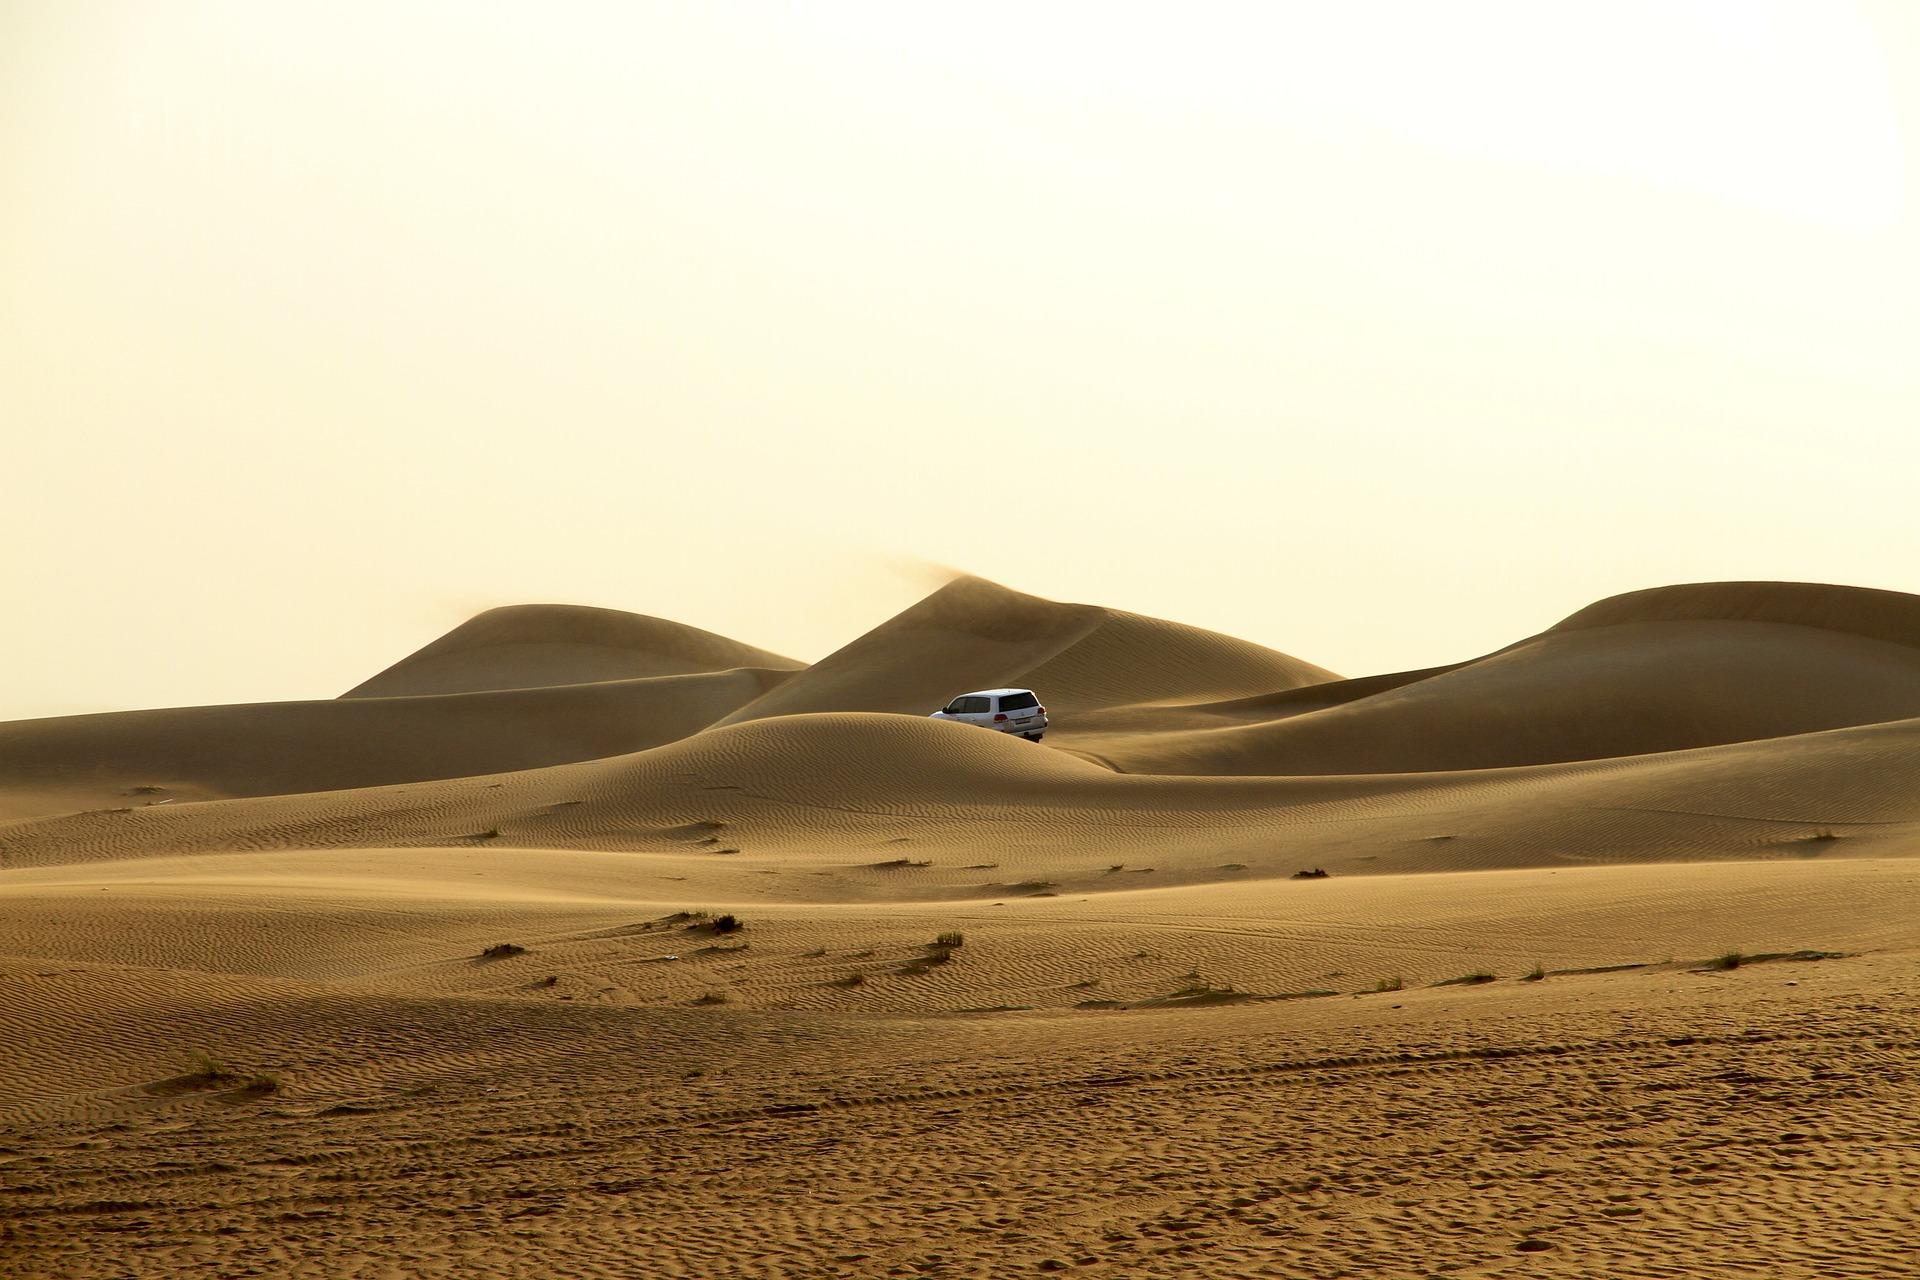 Image of desert dunes in the UAE